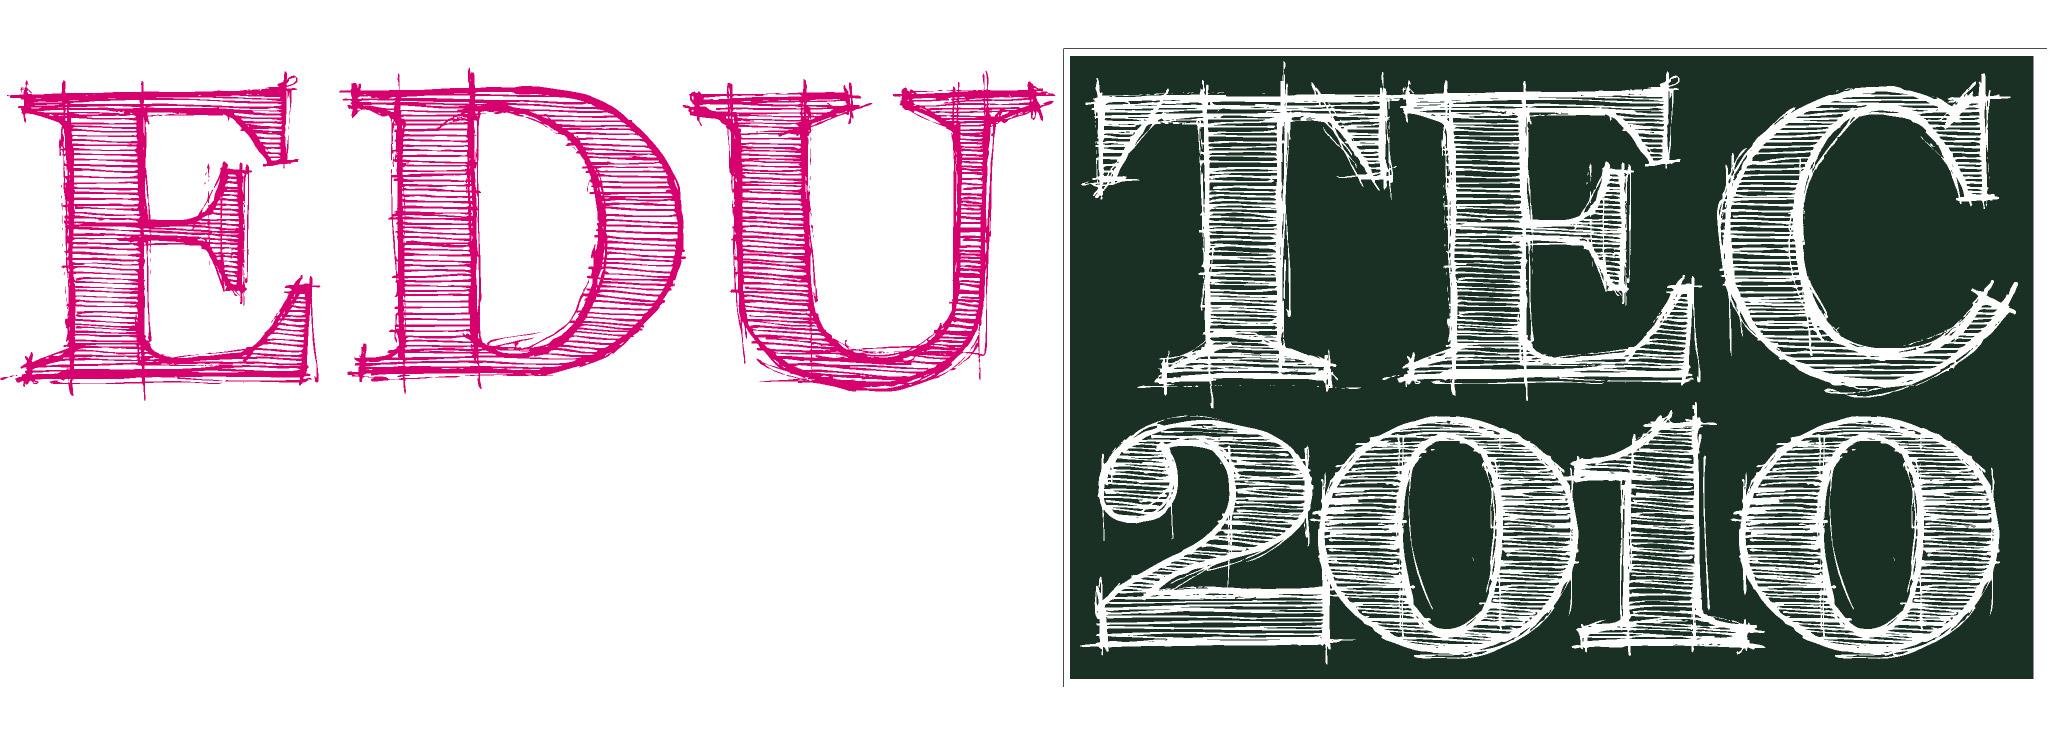 Logo EDUTEC 2010